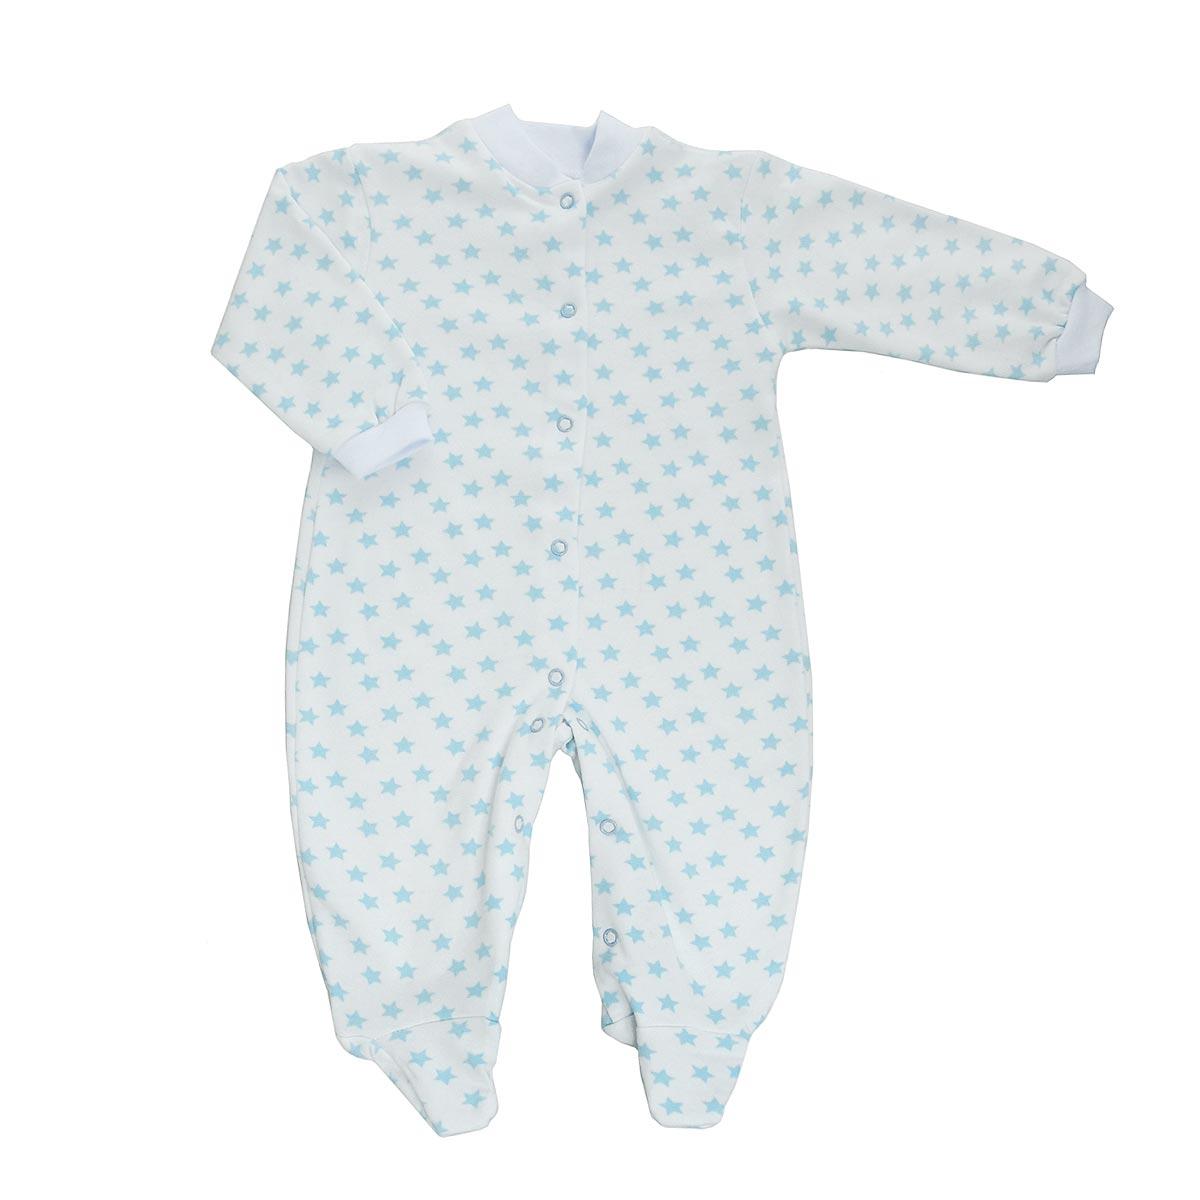 Комбинезон детский Трон-Плюс, цвет: белый, голубой, рисунок звезды. 5821. Размер 68, 6 месяцев5821Детский комбинезон Трон-Плюс - очень удобный и практичный вид одежды для малышей. Теплый комбинезон выполнен из футерованного полотна - натурального хлопка, благодаря чему он необычайно мягкий и приятный на ощупь, не раздражает нежную кожу ребенка, и хорошо вентилируются, а эластичные швы приятны телу малыша и не препятствуют его движениям. Комбинезон с длинными рукавами и закрытыми ножками имеет застежки-кнопки от горловины до щиколоток, которые помогают легко переодеть младенца или сменить подгузник. Рукава понизу дополнены неширокими трикотажными манжетами, мягко облегающими запястья. Вырез горловины дополнен мягкой трикотажной резинкой. Оформлен комбинезон оригинальным принтом. С детским комбинезоном спинка и ножки вашего малыша всегда будут в тепле, он идеален для использования днем и незаменим ночью. Комбинезон полностью соответствует особенностям жизни младенца в ранний период, не стесняя и не ограничивая его в движениях!